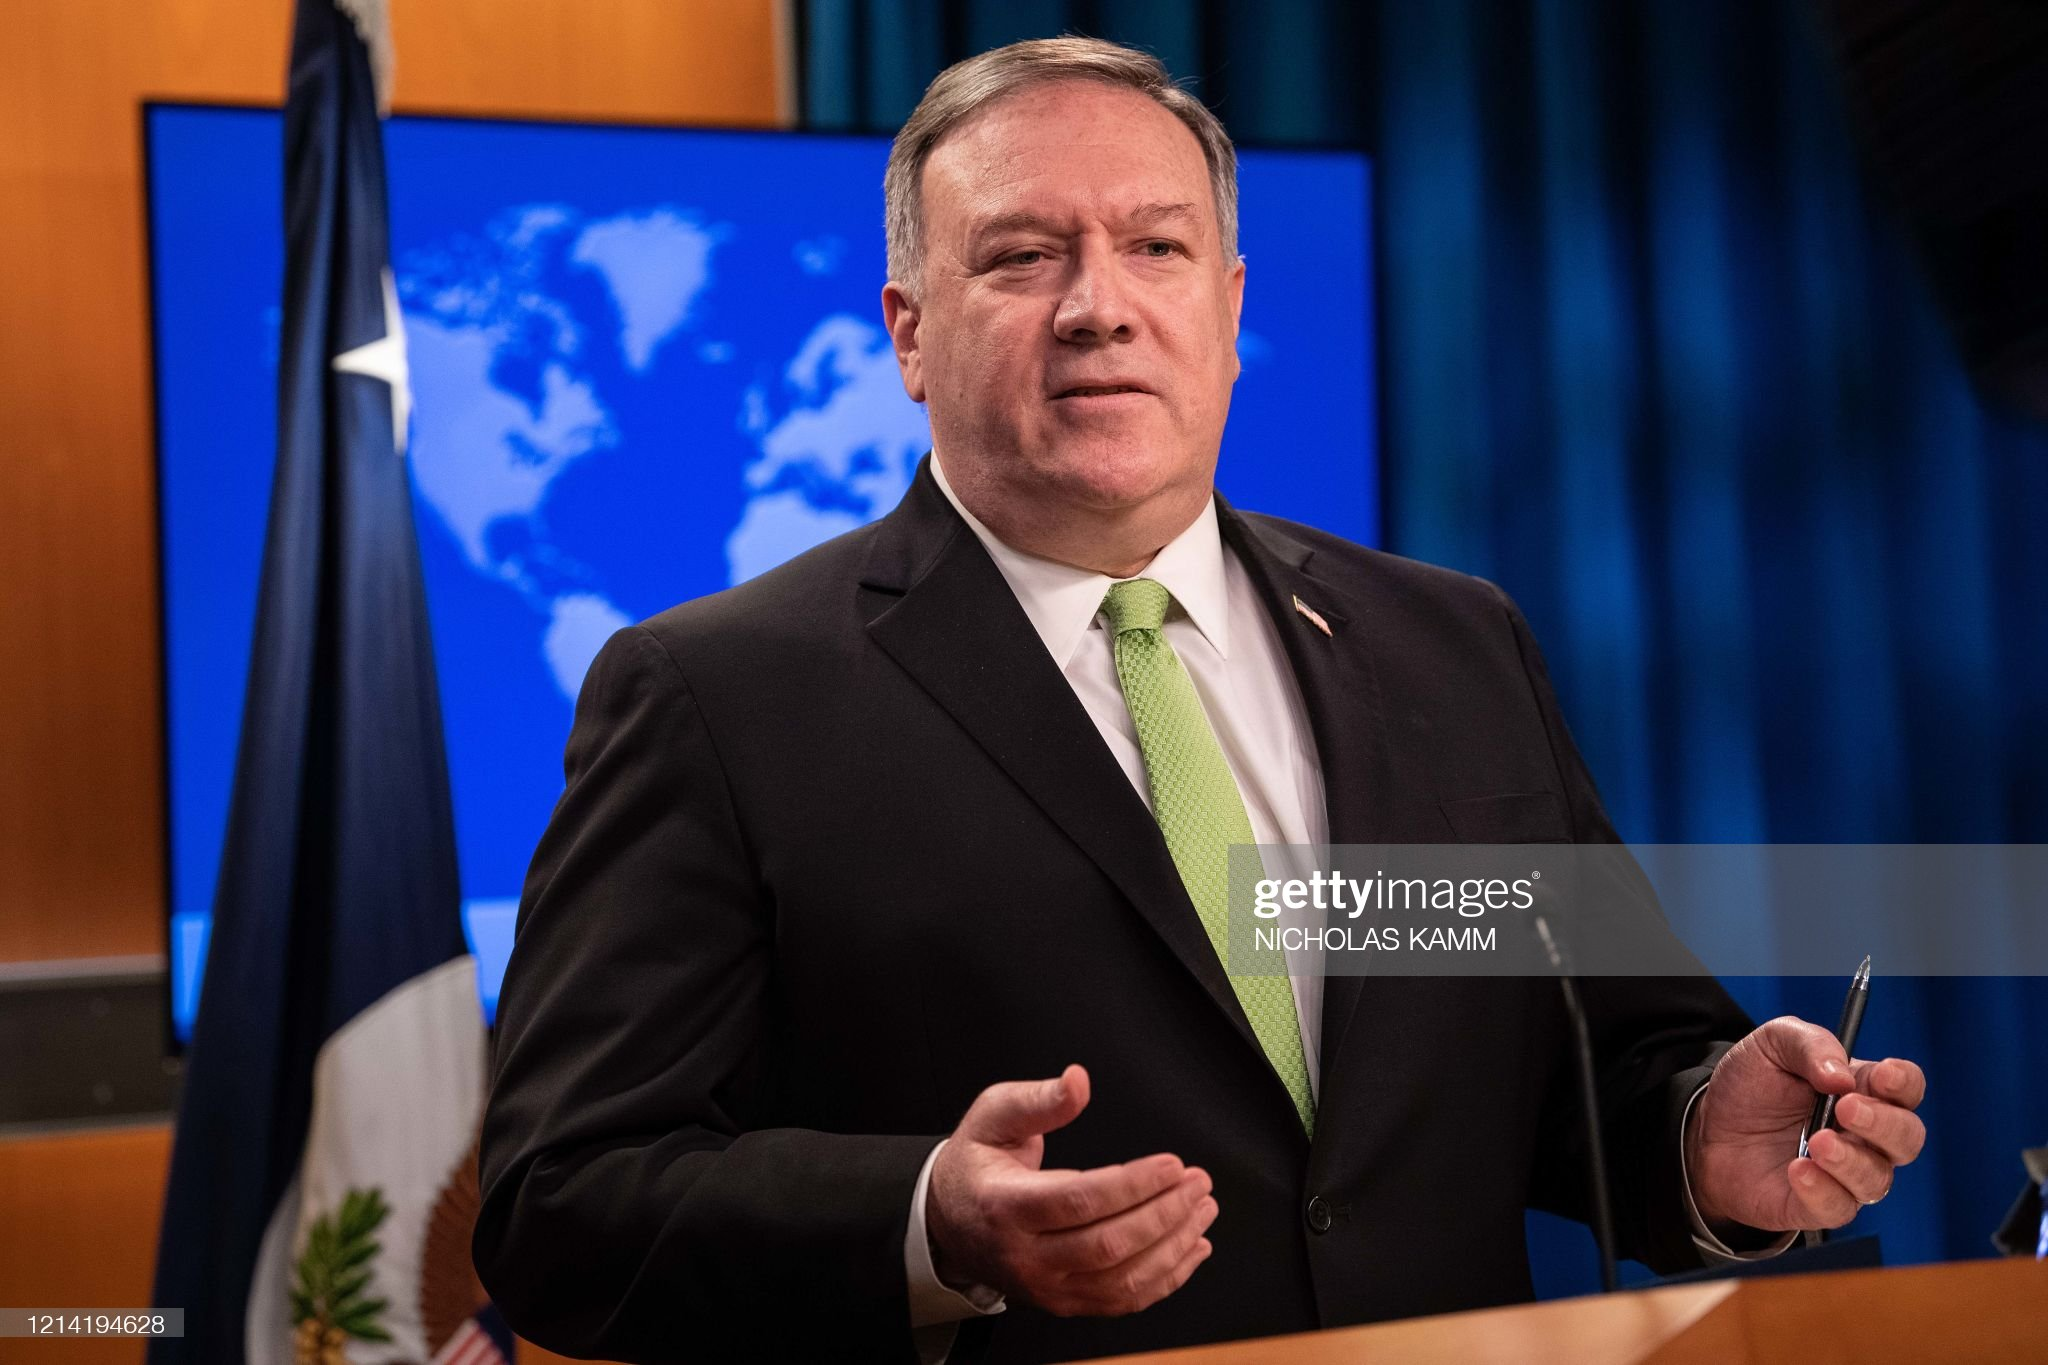 US-POLITICS-POMPEO : Nieuwsfoto's